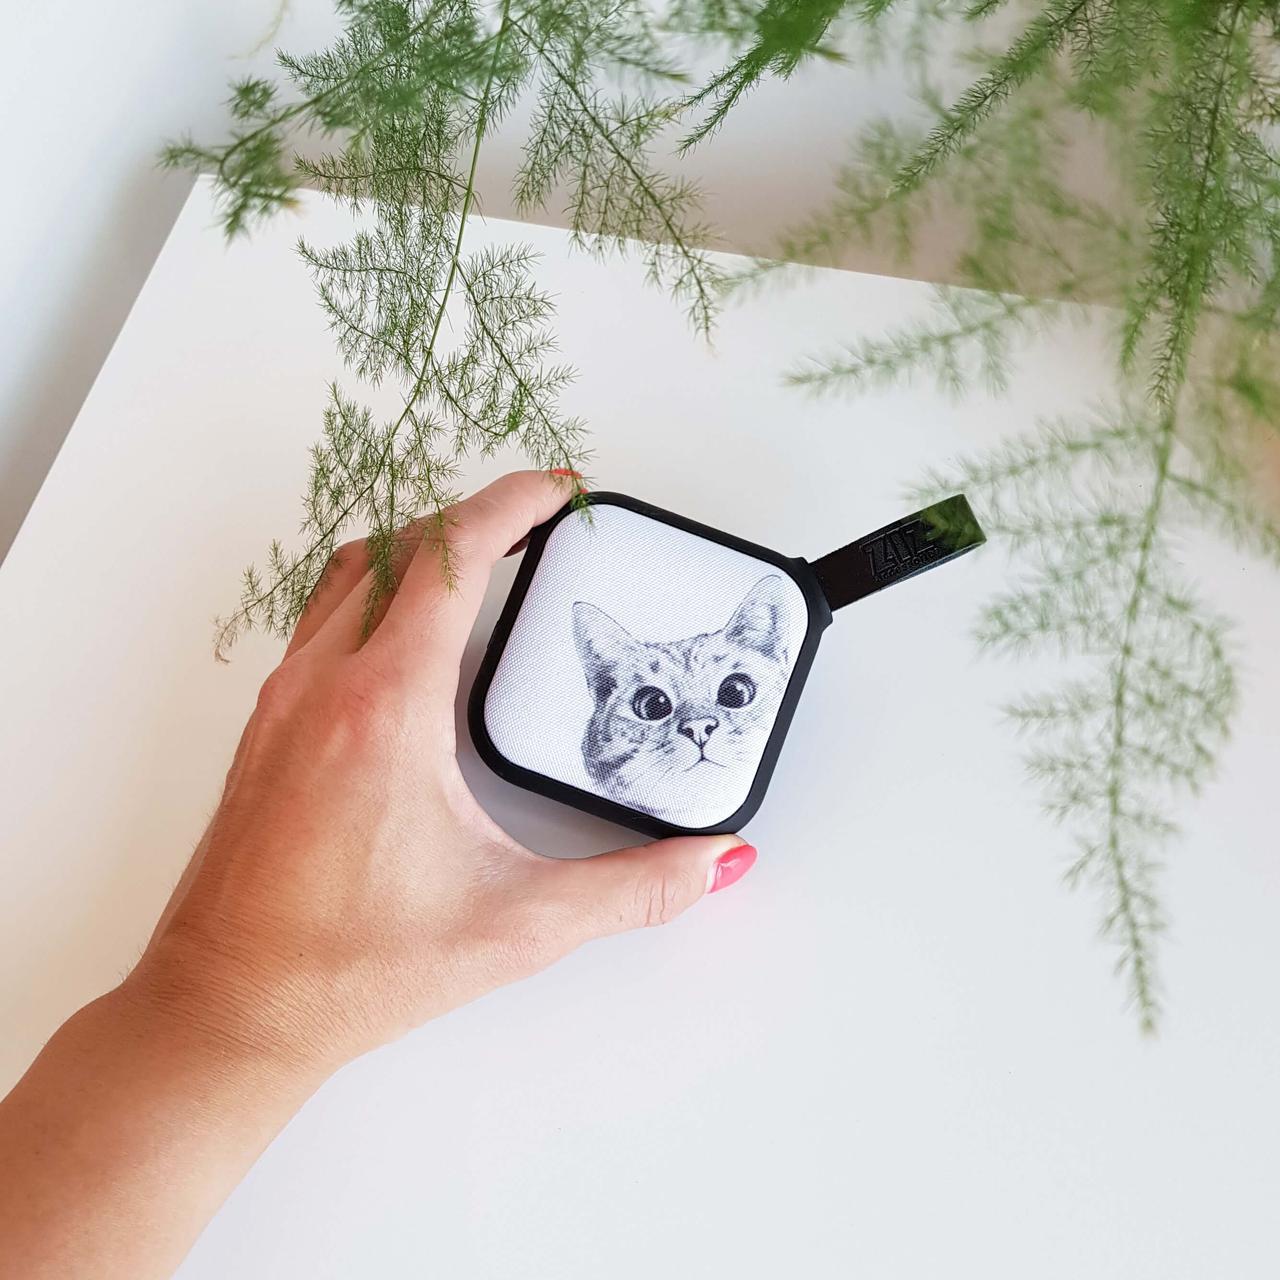 Портативная Bluetooth колонка ZIZ Эй, Кот, переносная блютуз колонка, беспроводная блютус акустика